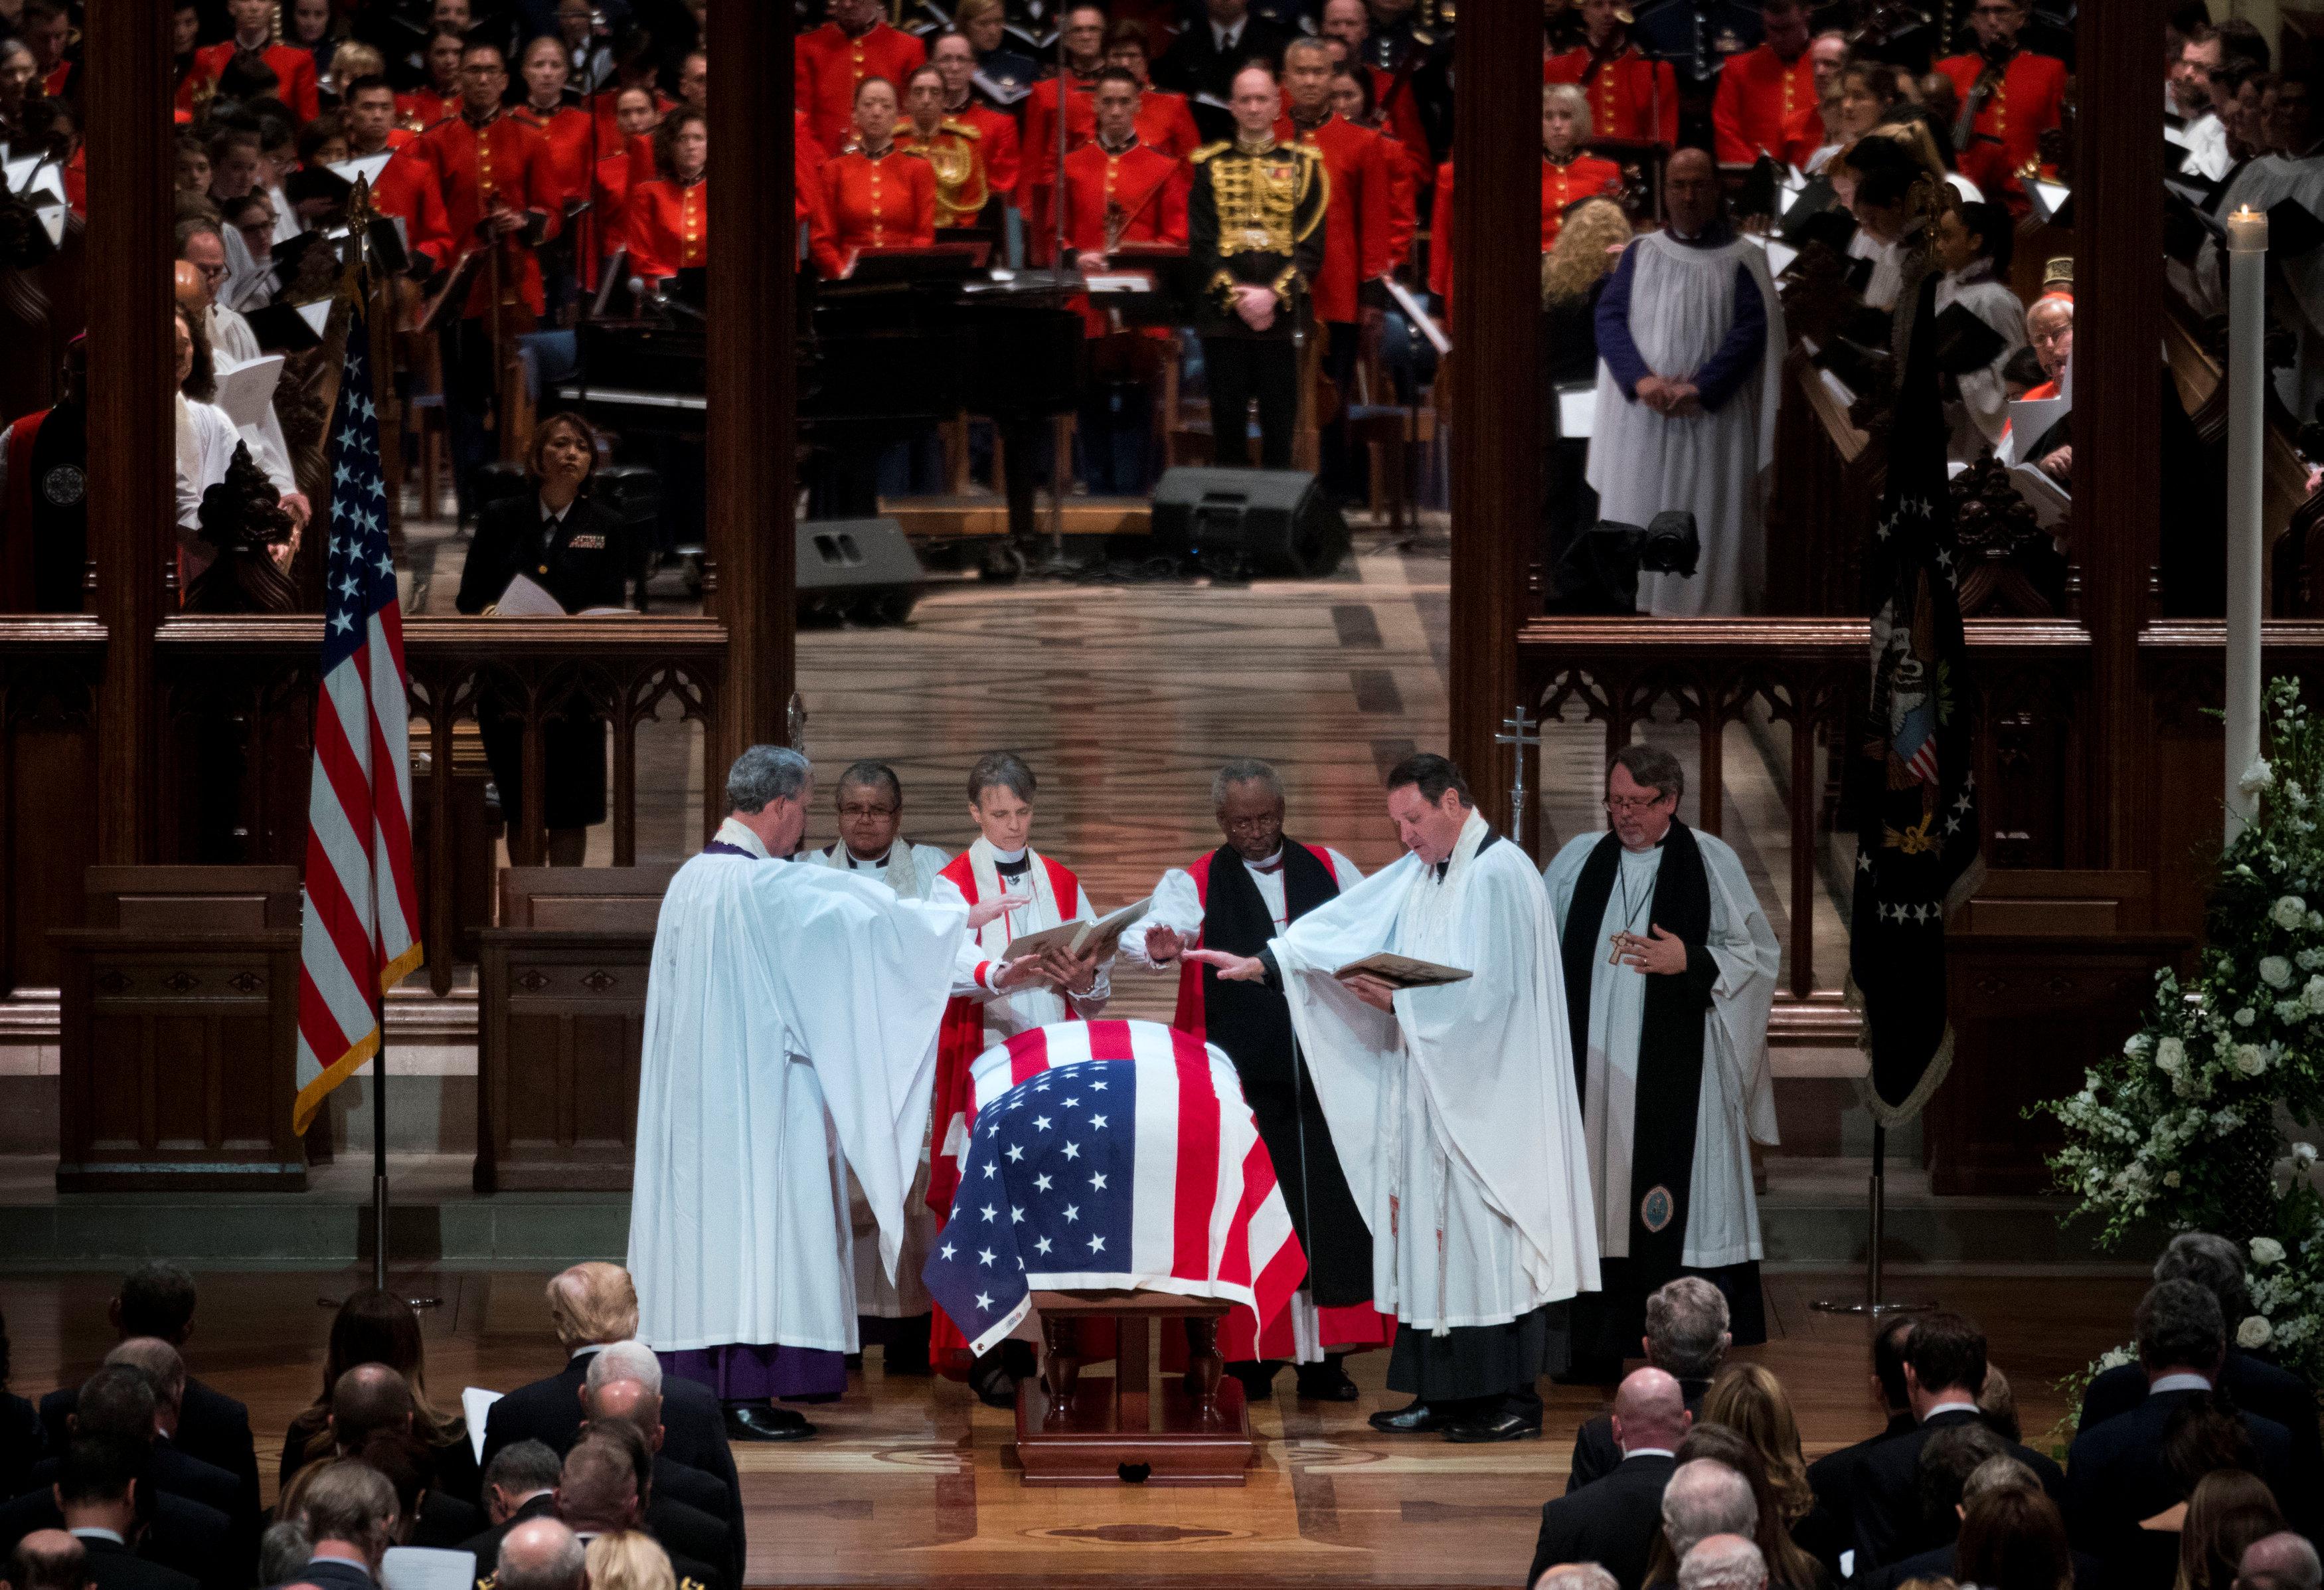 انطلاق مراسم جنازة الرئيس الأمريكى جورج بوش الأب (2)